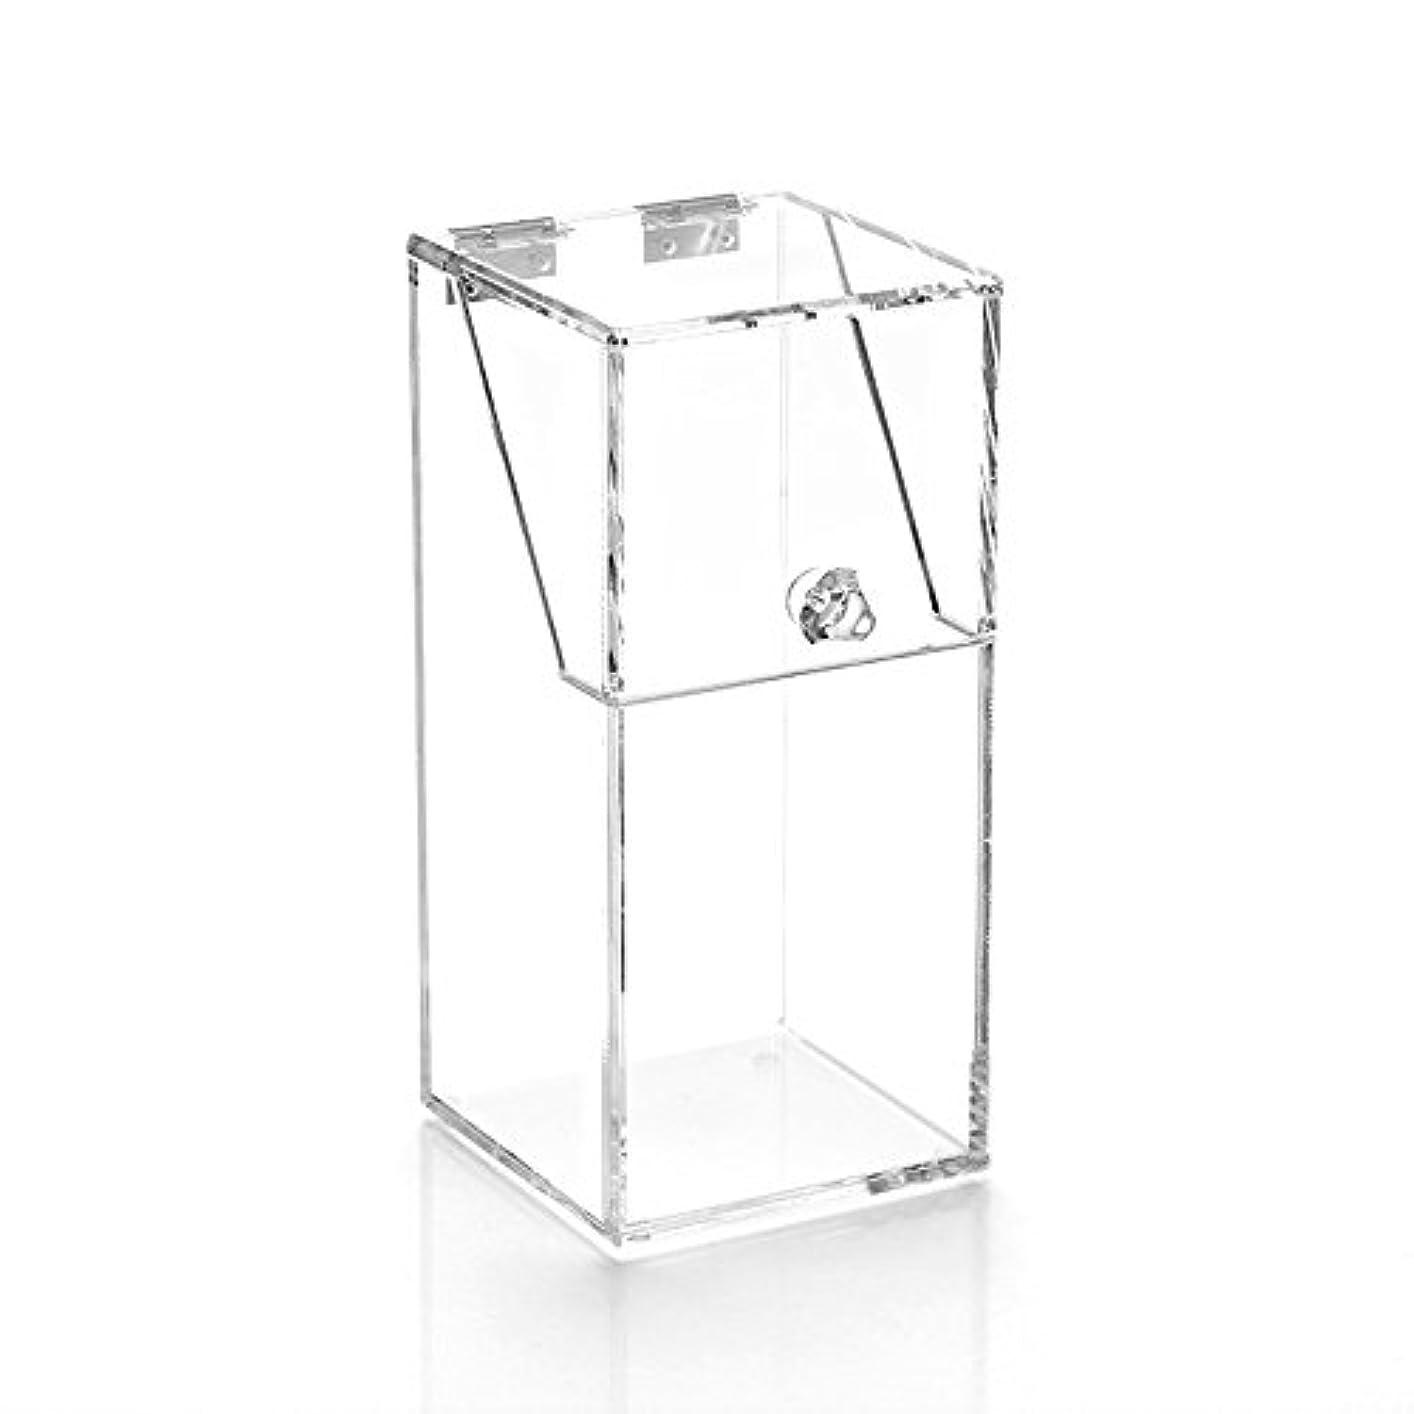 ダイアクリティカル信頼男らしいYouth Union ブラシ収納ボックス、大容量のストレージボックス透明なアクリル (10*10*21.5CM)